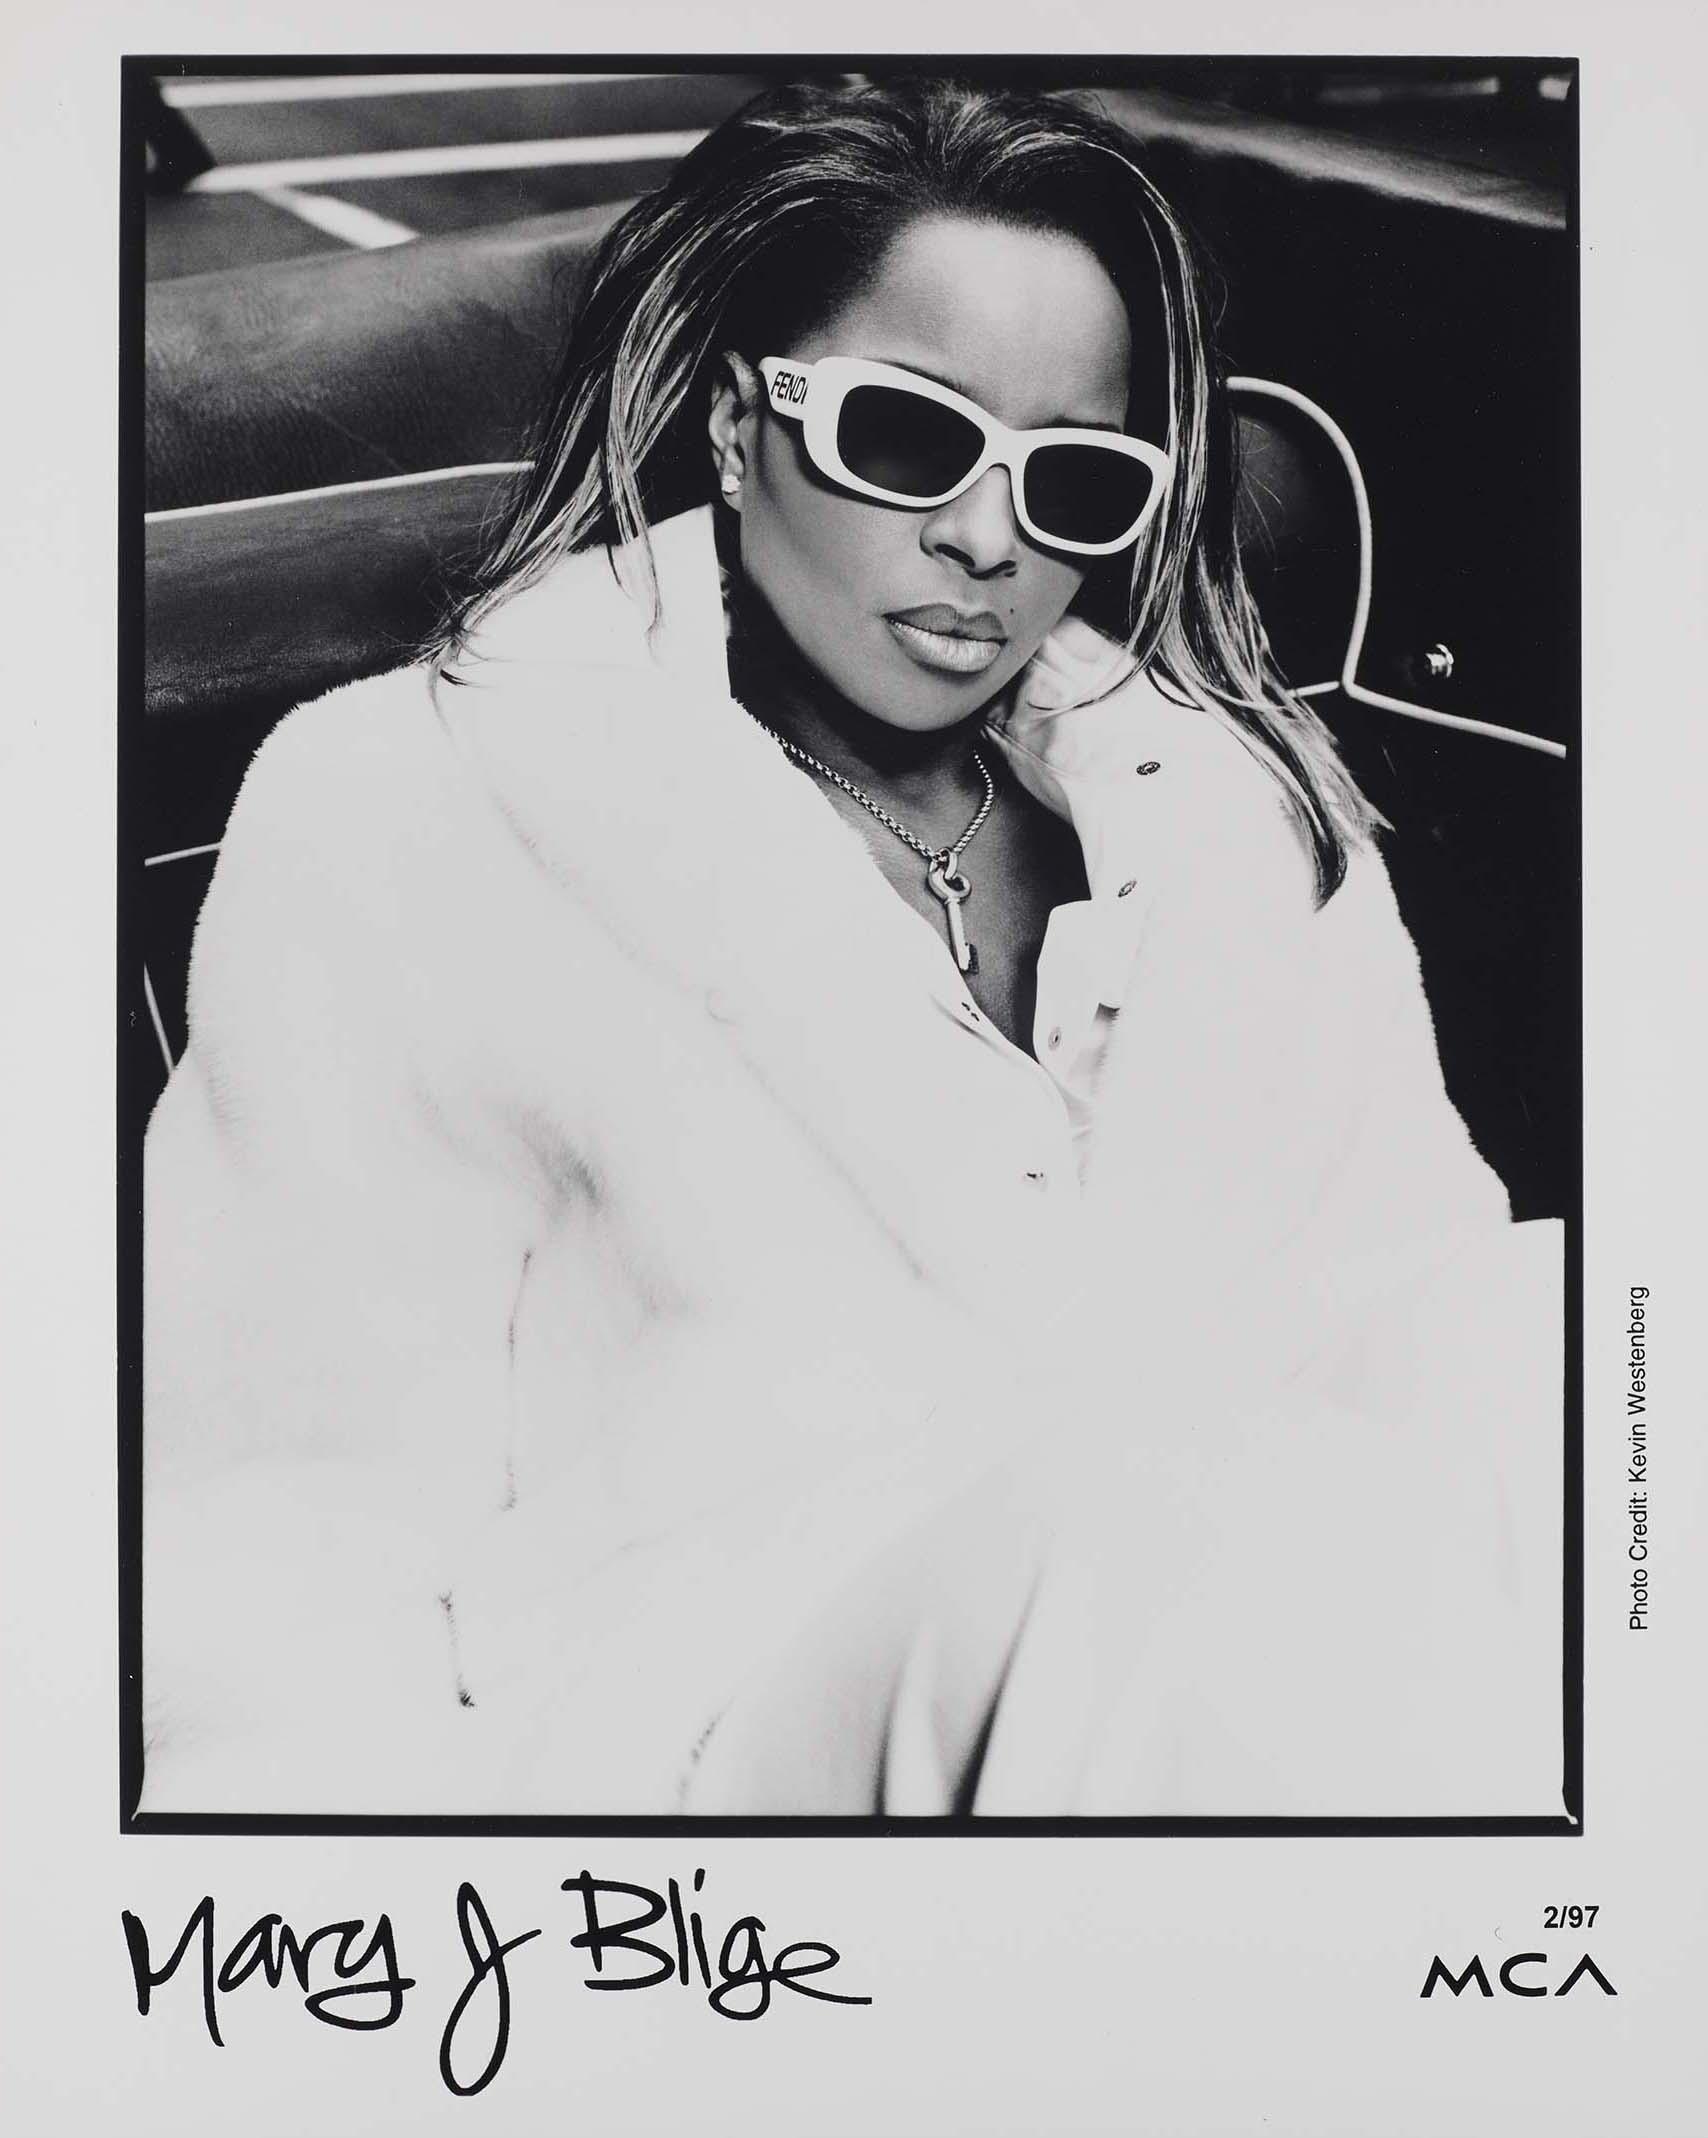 Mary J. Blige promo photo, 1997